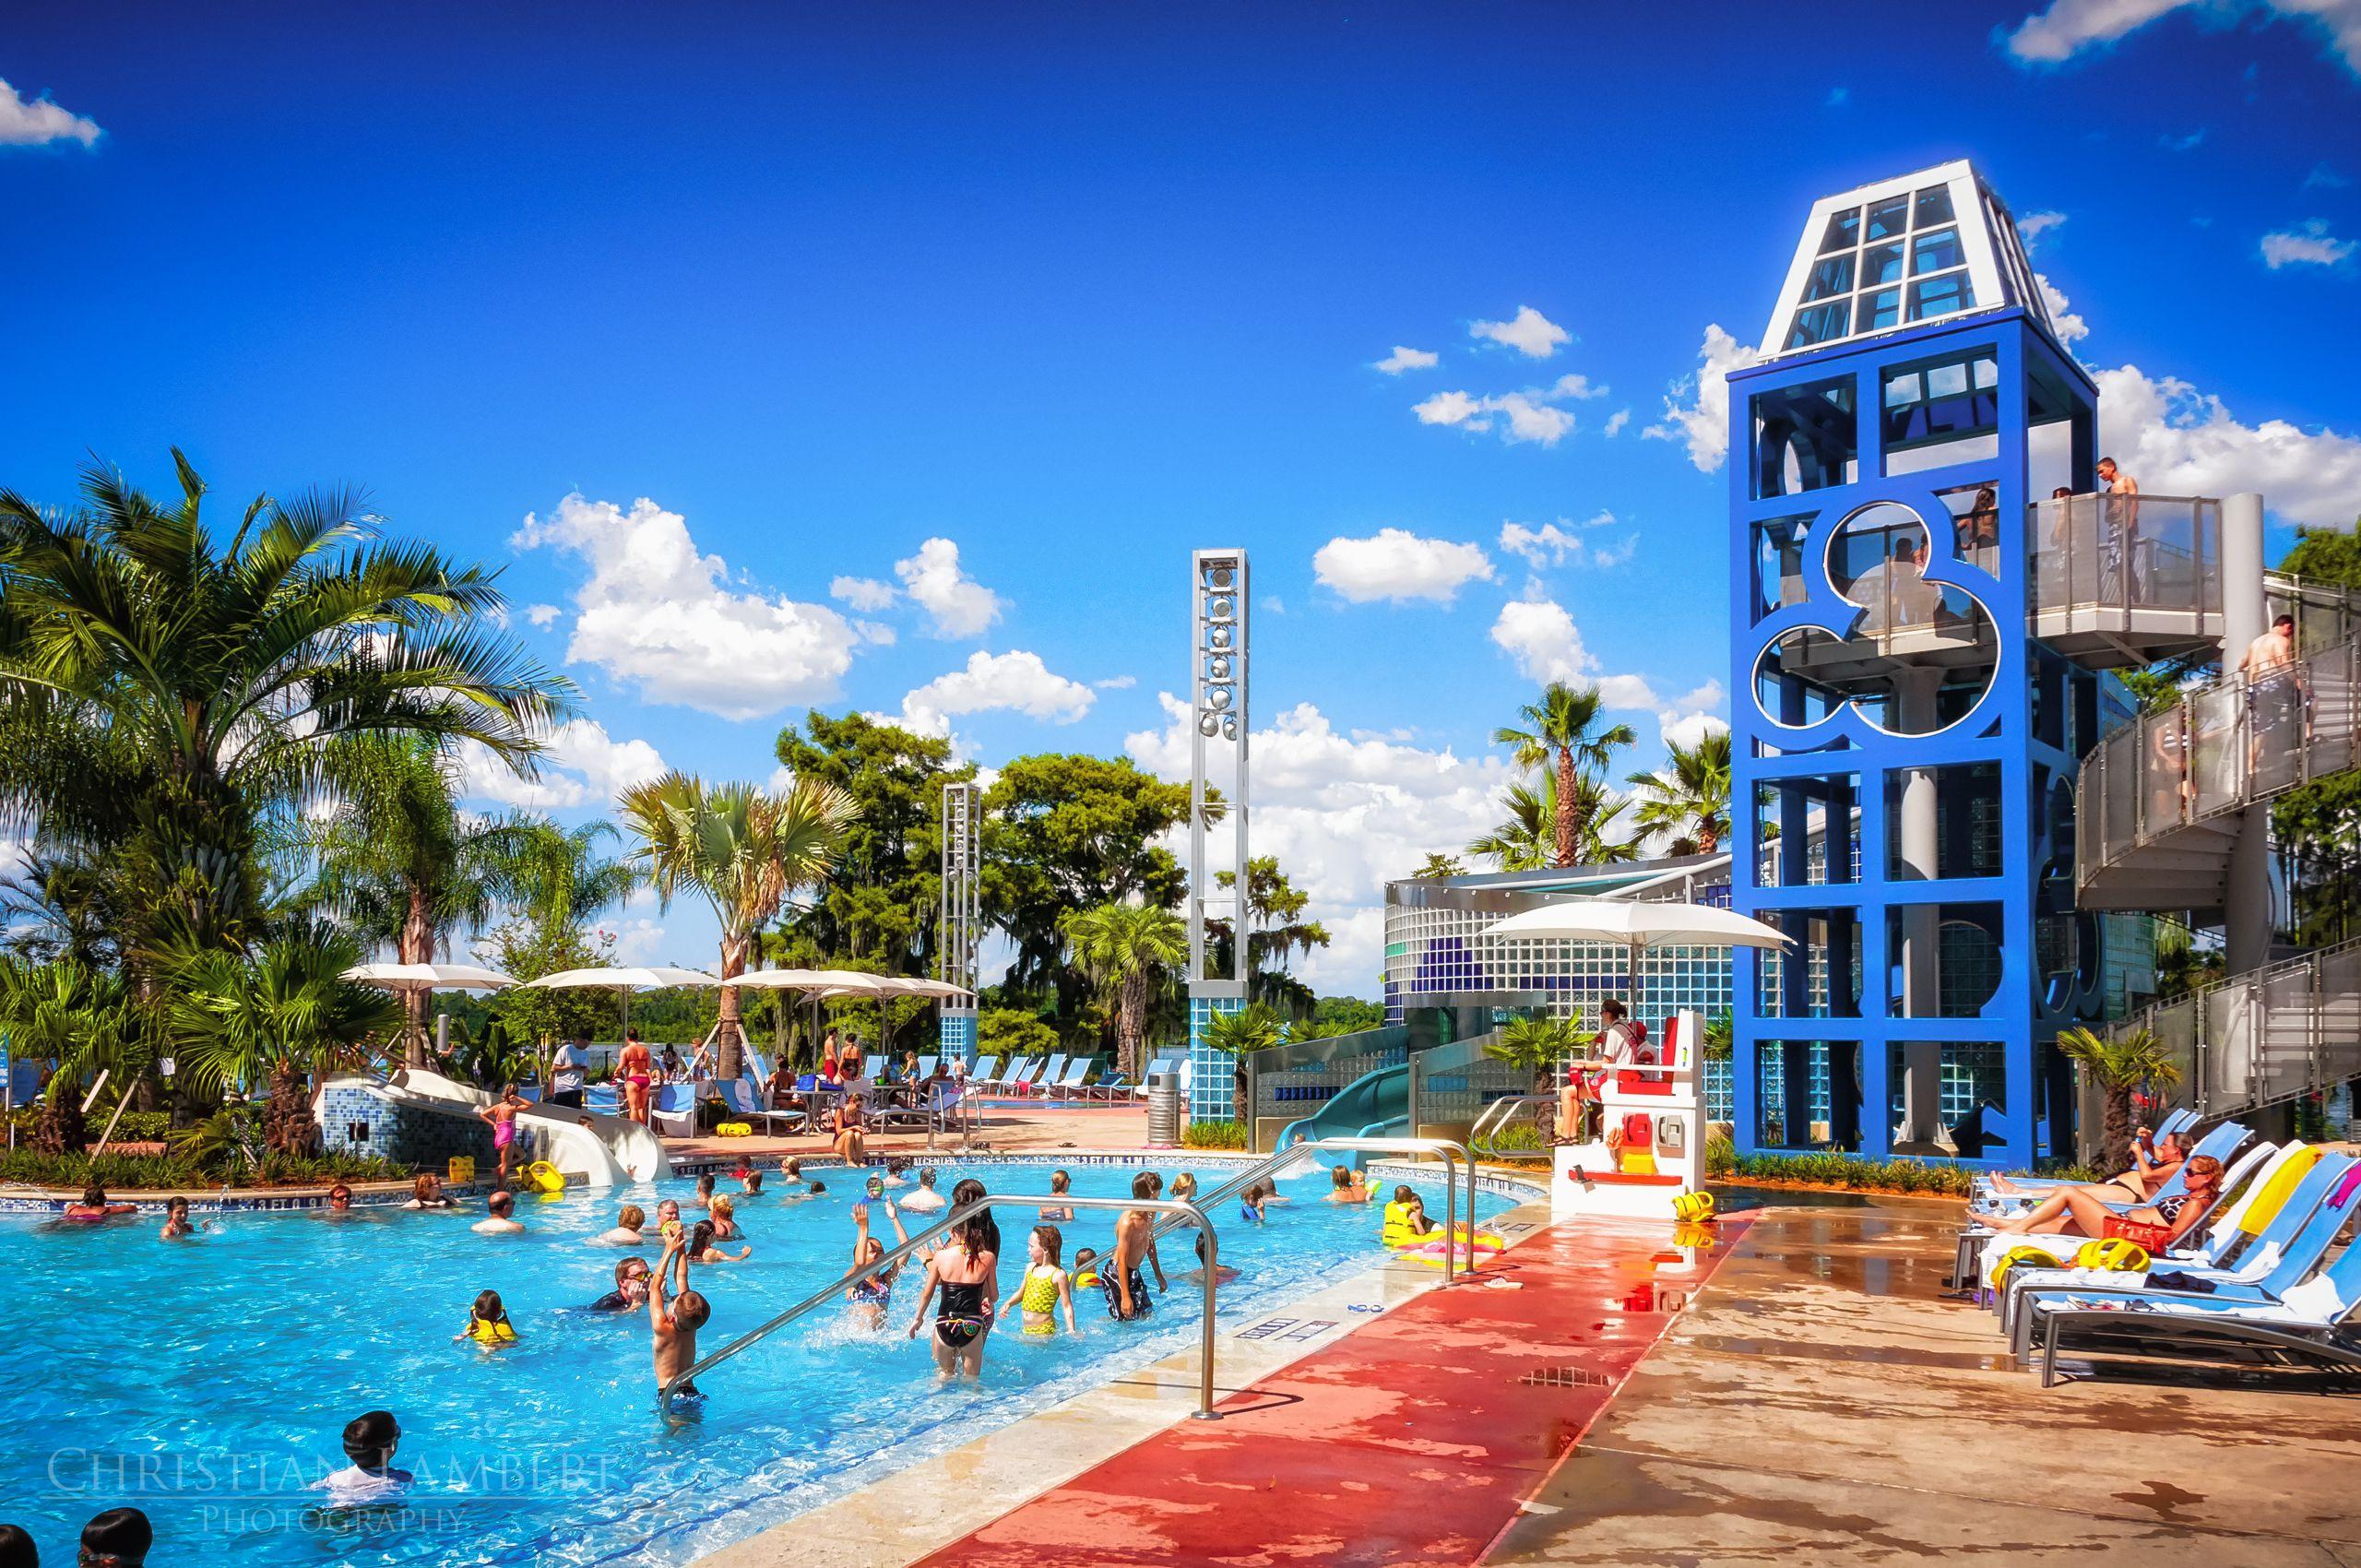 Guests enjoying the pool at Bay Lake Tower at Disney's Contemporary Resort